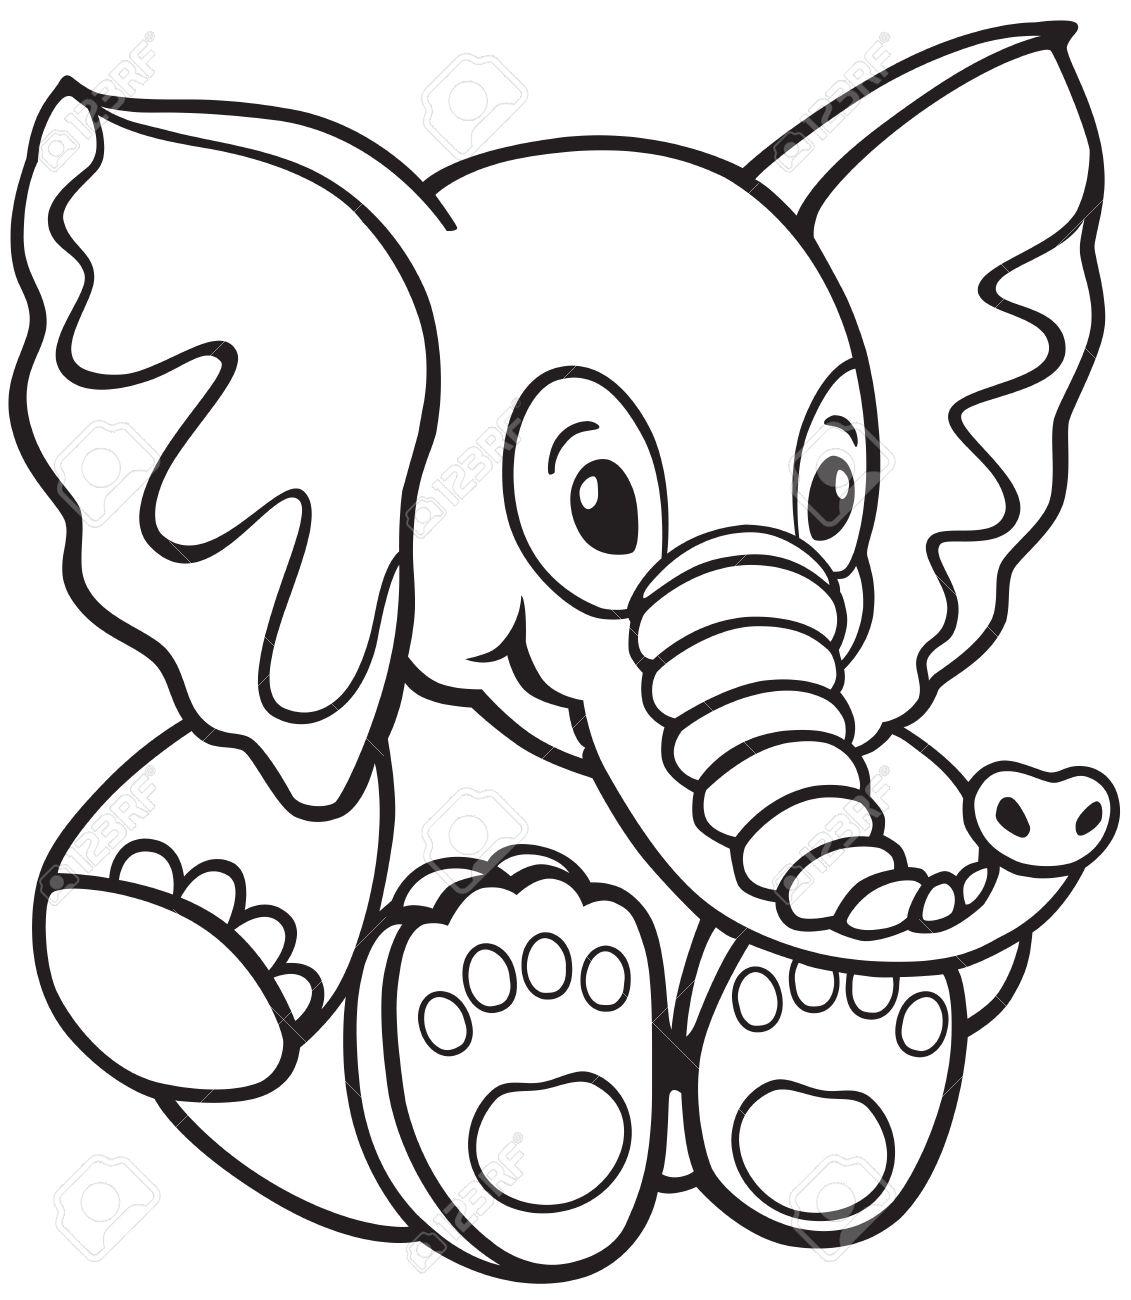 Peluche Elefante Imagen En Blanco Y Negro De Dibujos Animados Para